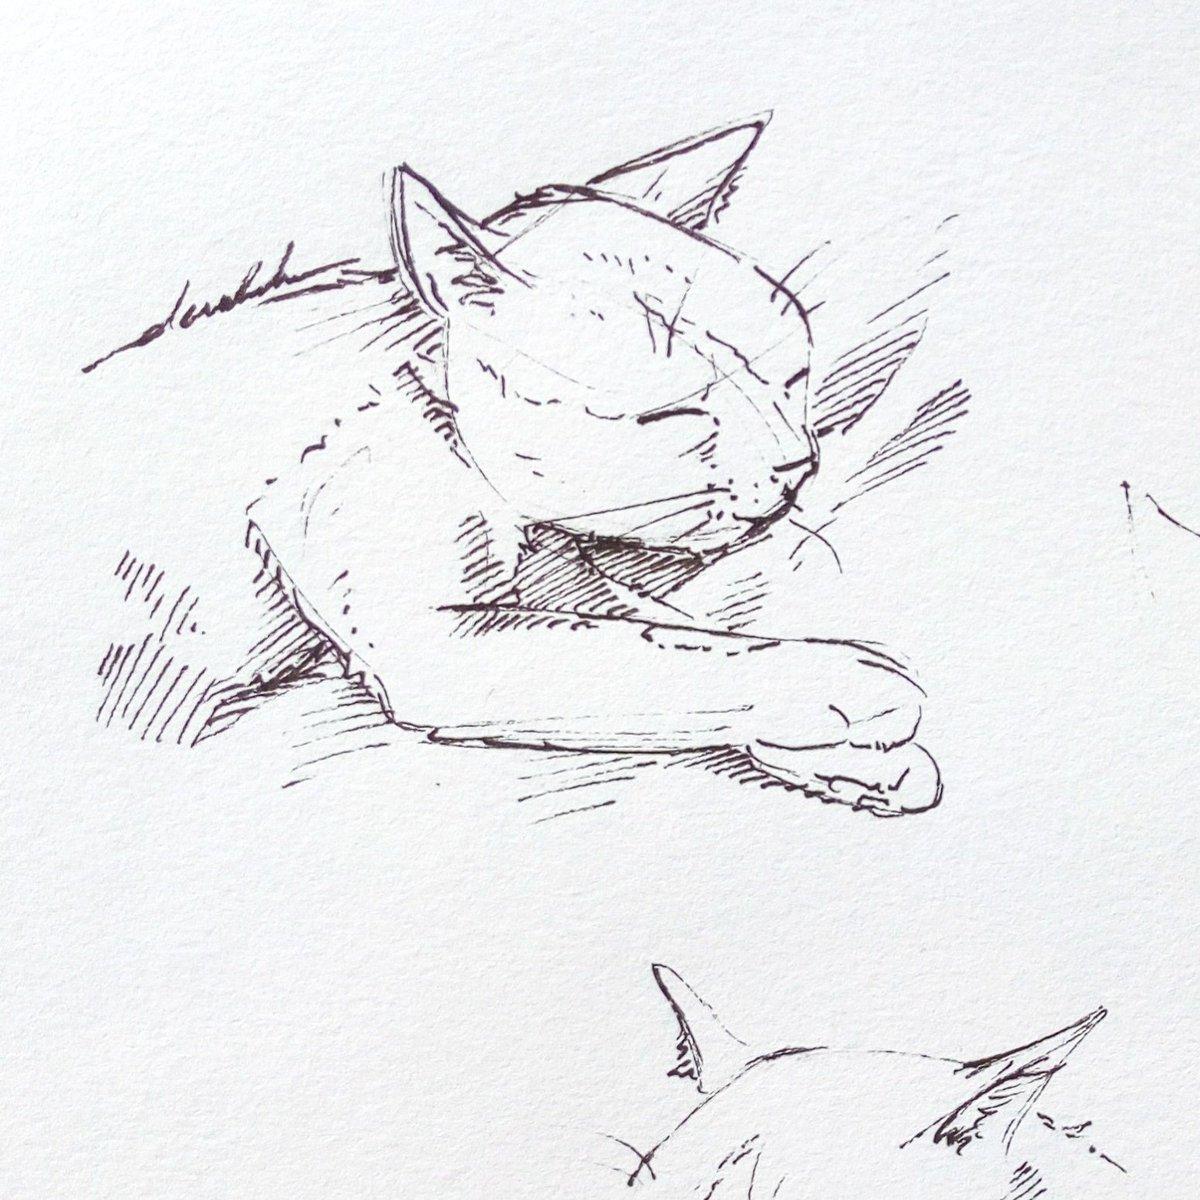 Sleepy Merlin #dailyart #dailyillustration #sleepy #sleepyhead #sleeping #cat #cats #pets https://t.co/axf2RgZbYL